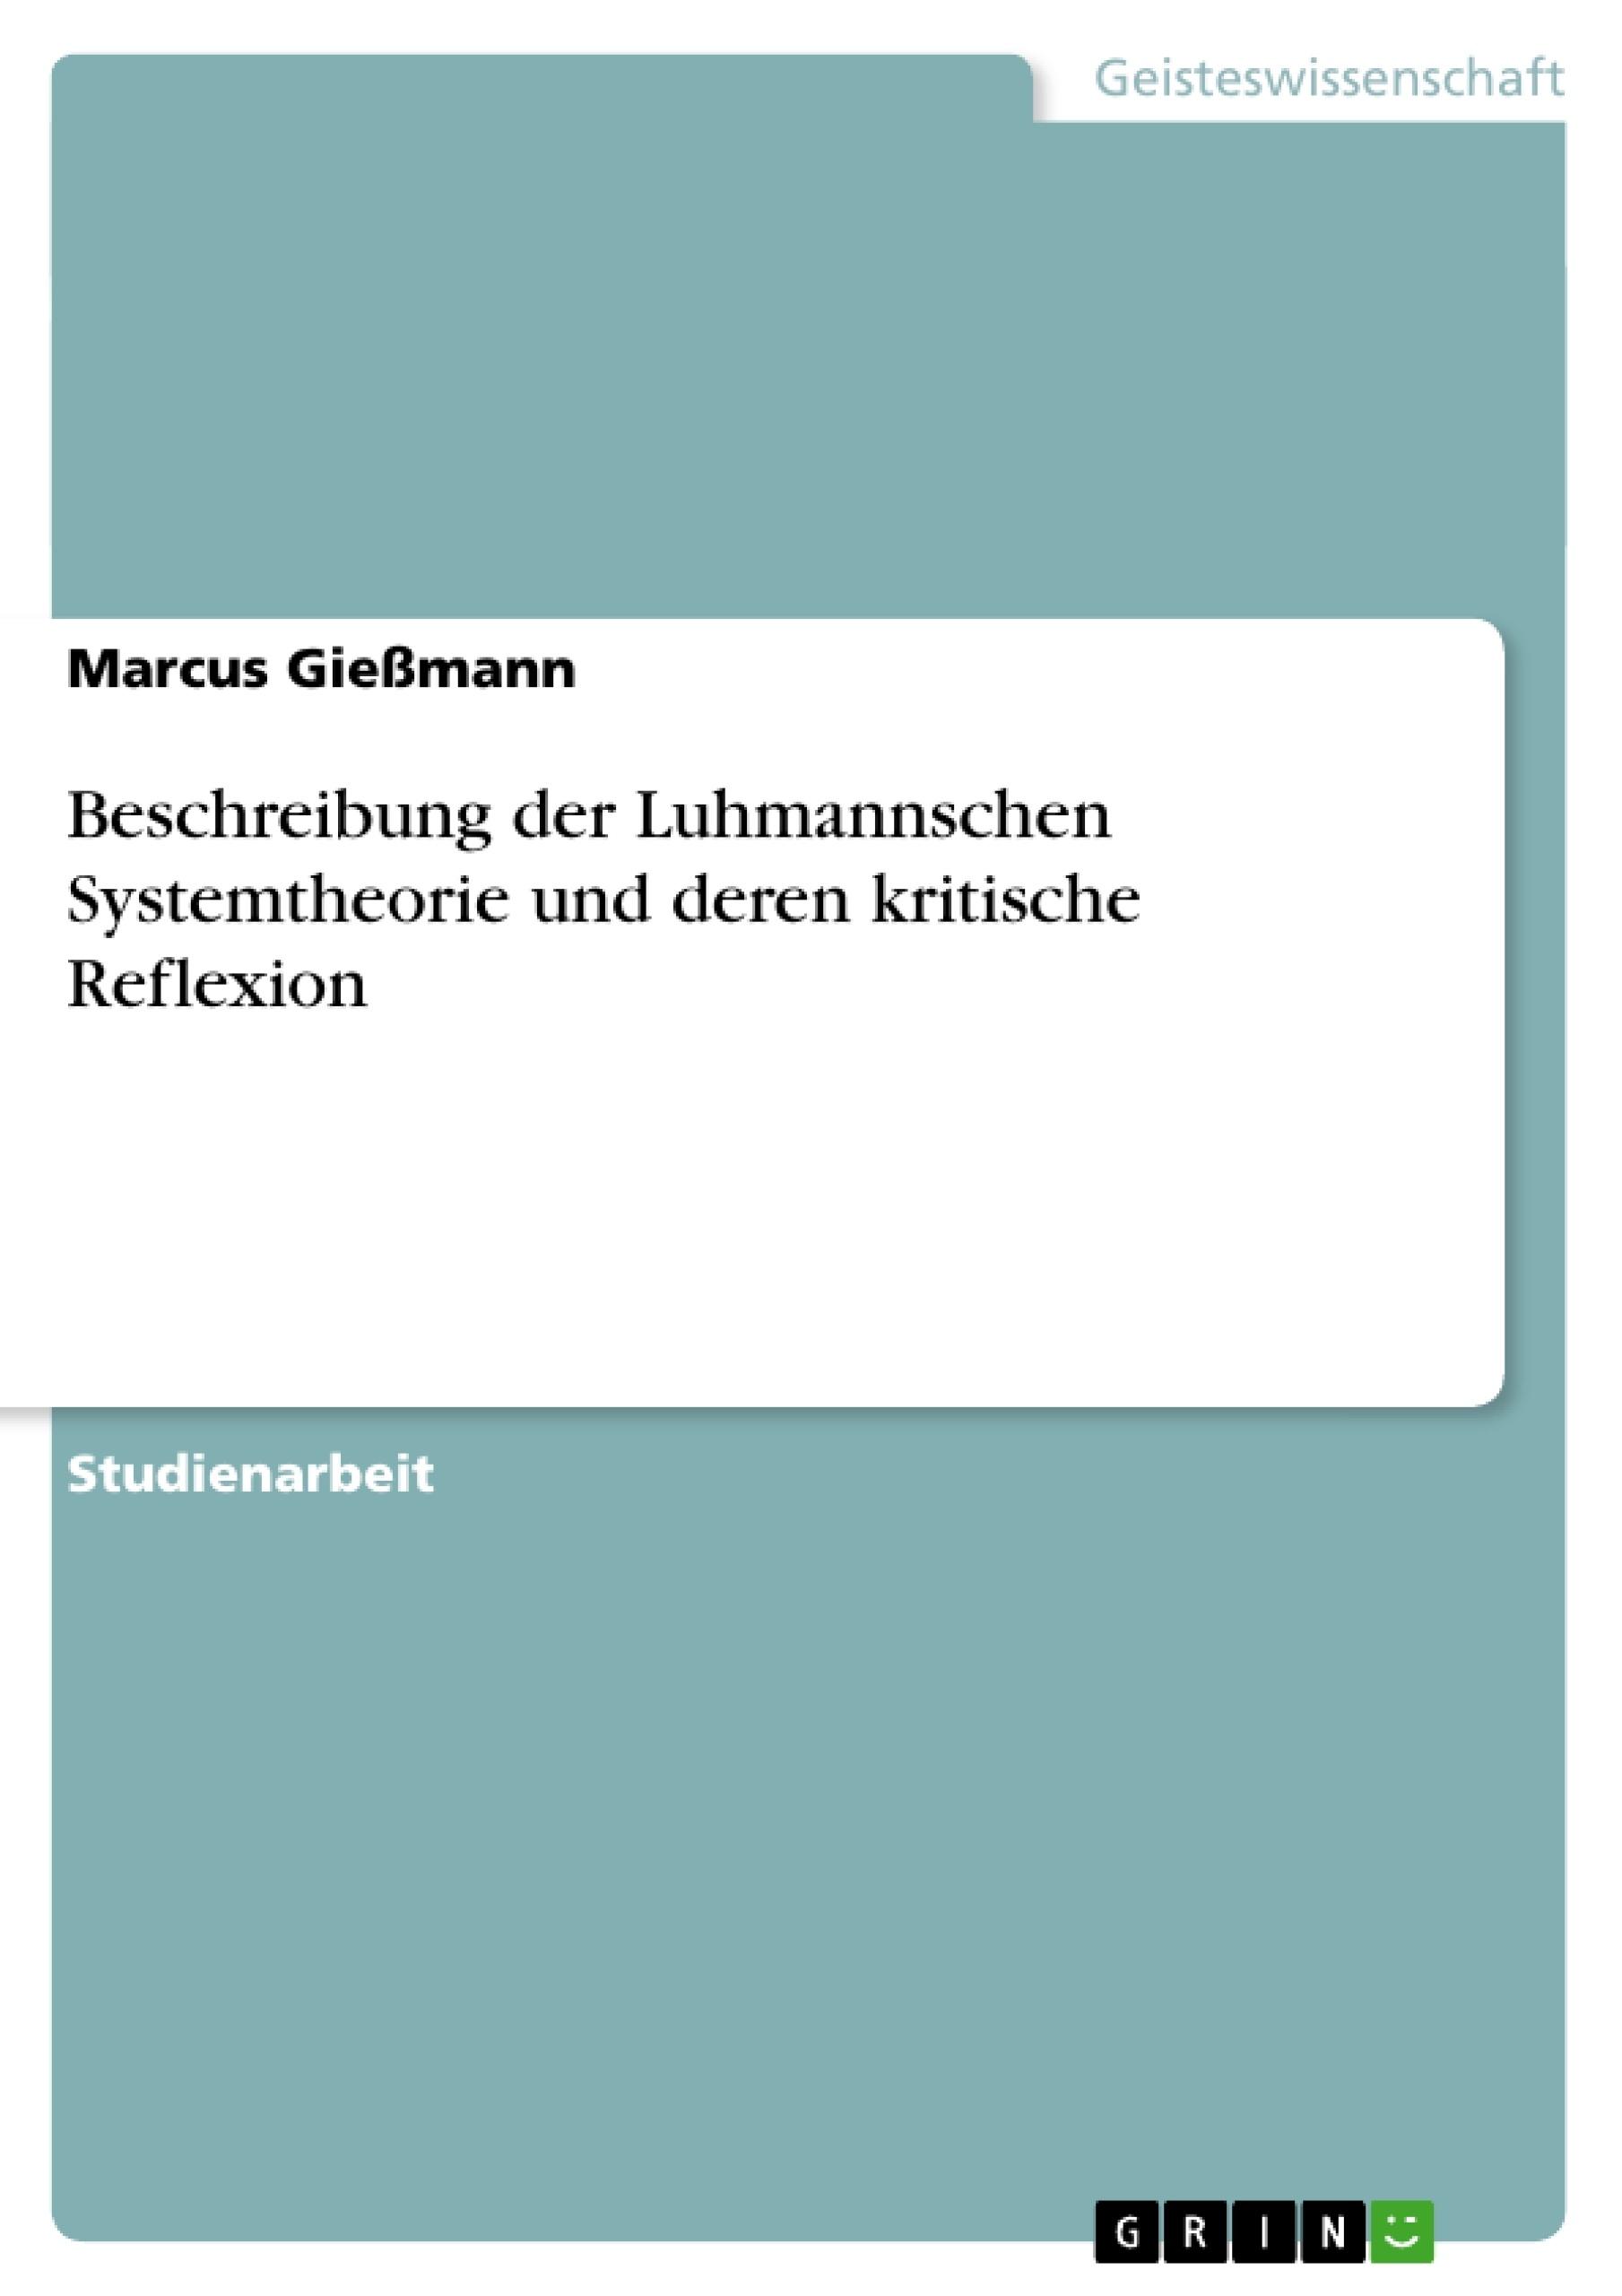 Titel: Beschreibung der Luhmannschen Systemtheorie und deren kritische Reflexion